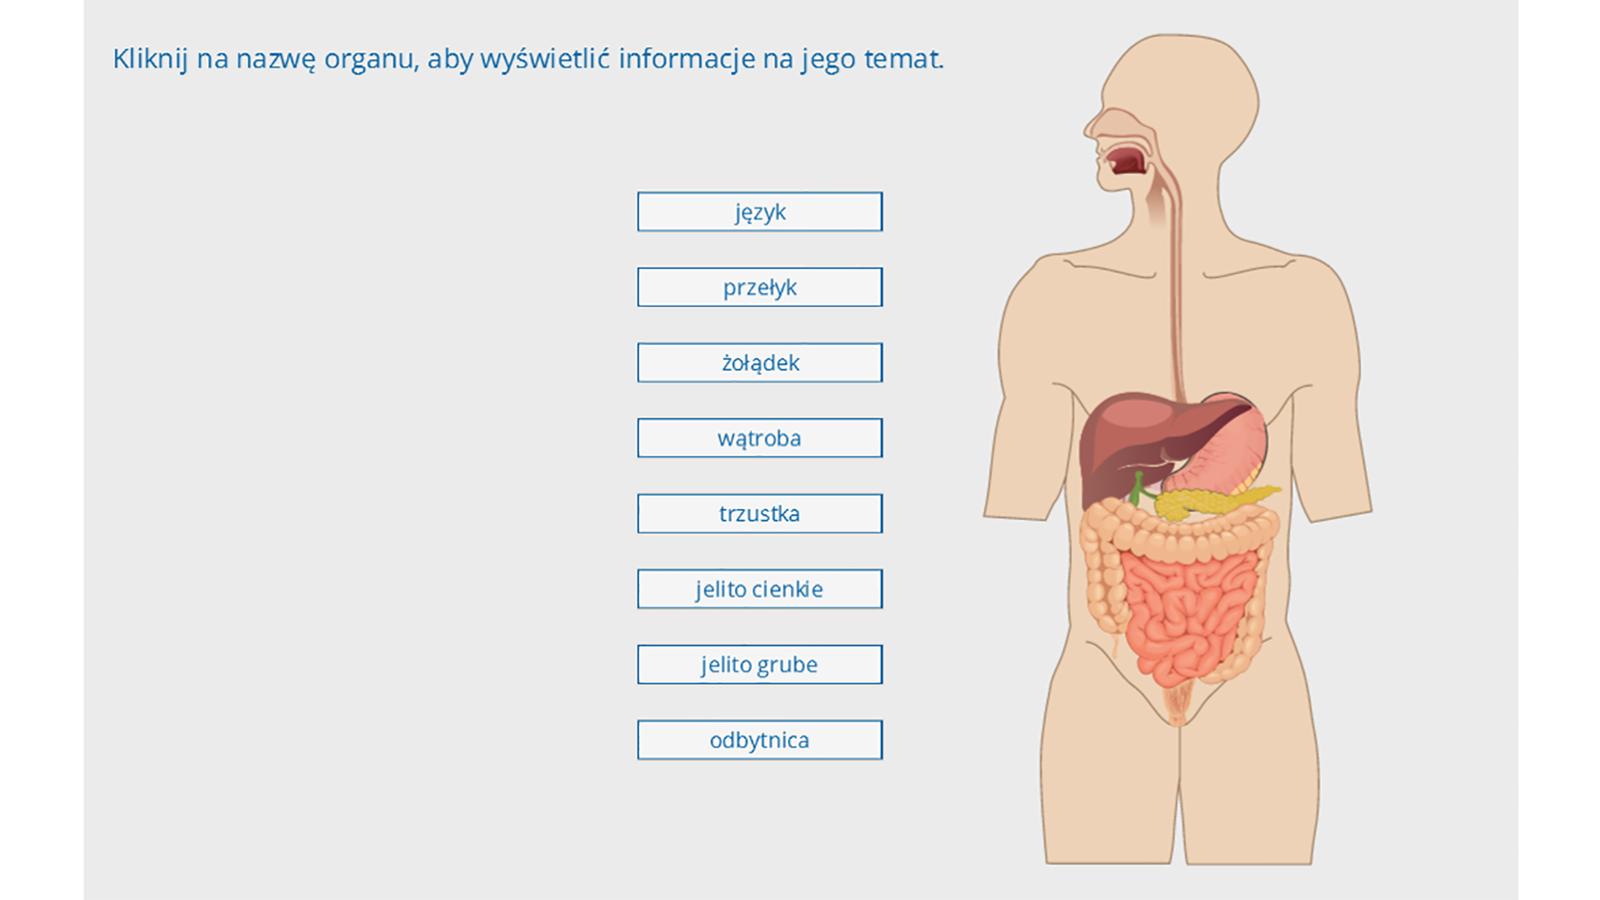 Animacja przestawia budowę układu pokarmowego człowieka, wktórym wyróżniamy: jamę ustną zjęzykiem, przełyk, żołądek, jelito cienkie do którego uchodzą przewody trzustki iwątroby, jelito grube, odbyt. Na ilustracji opisano funkcję każdego zelementów układu pokarmowego.